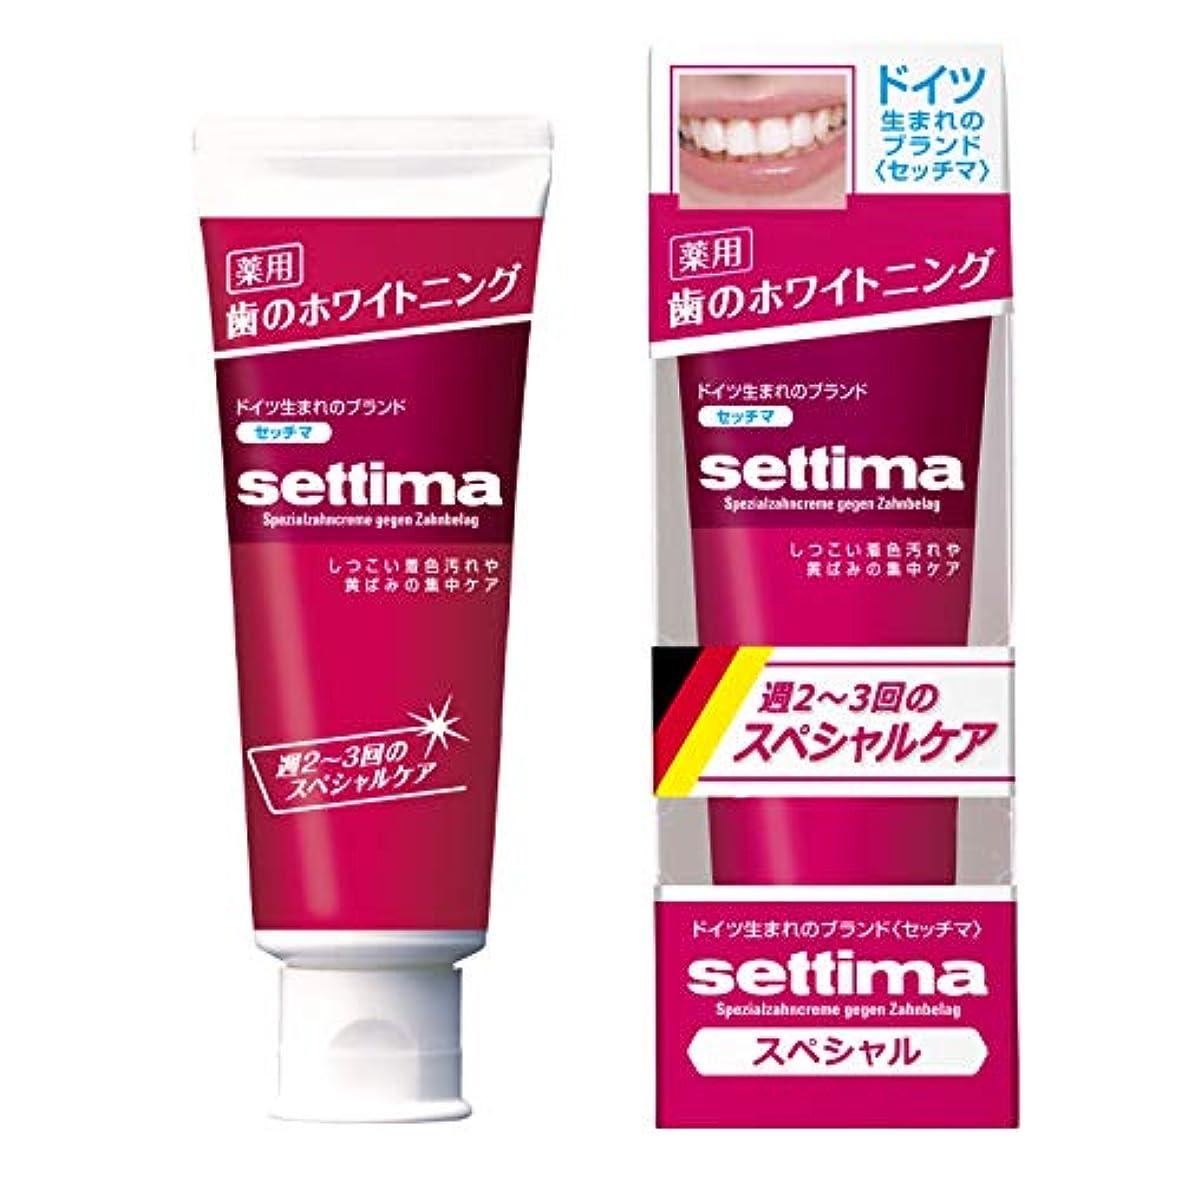 設計晴れ刺します[医薬部外品] settima(セッチマ) ホワイトニング 歯みがき スペシャルケア [ペパーミントタイプ] <ステインケア タバコのヤニ取り フッ素配合 虫歯予防> 80g